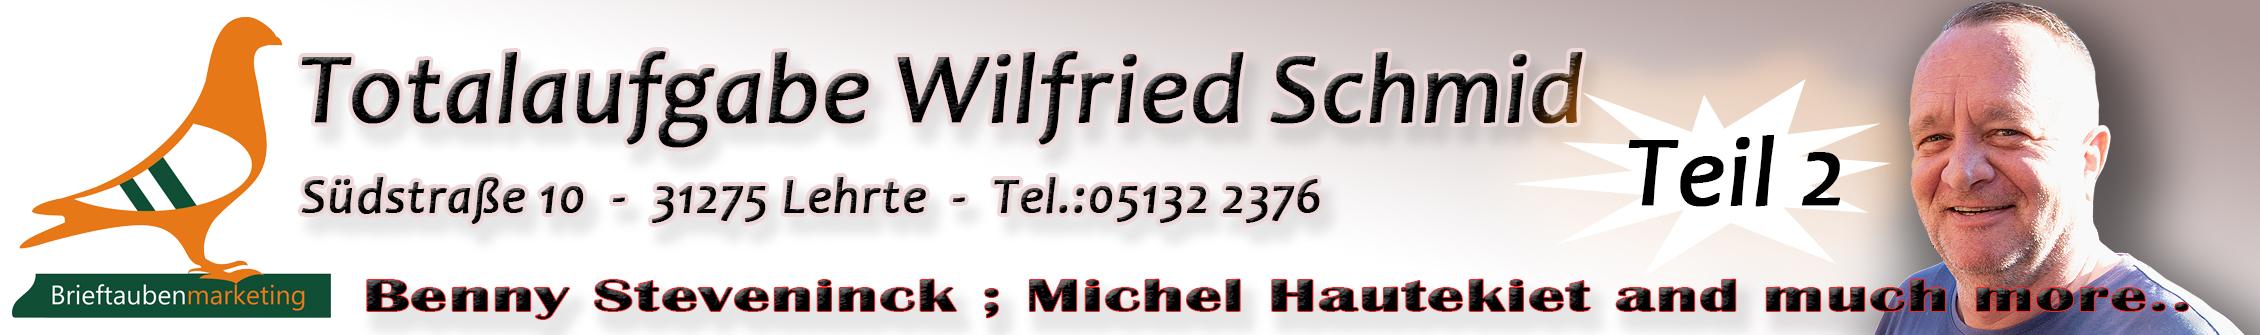 Wilfried_Schmid_Hoch_WBM_Teil2.jpg - 426,88 kB